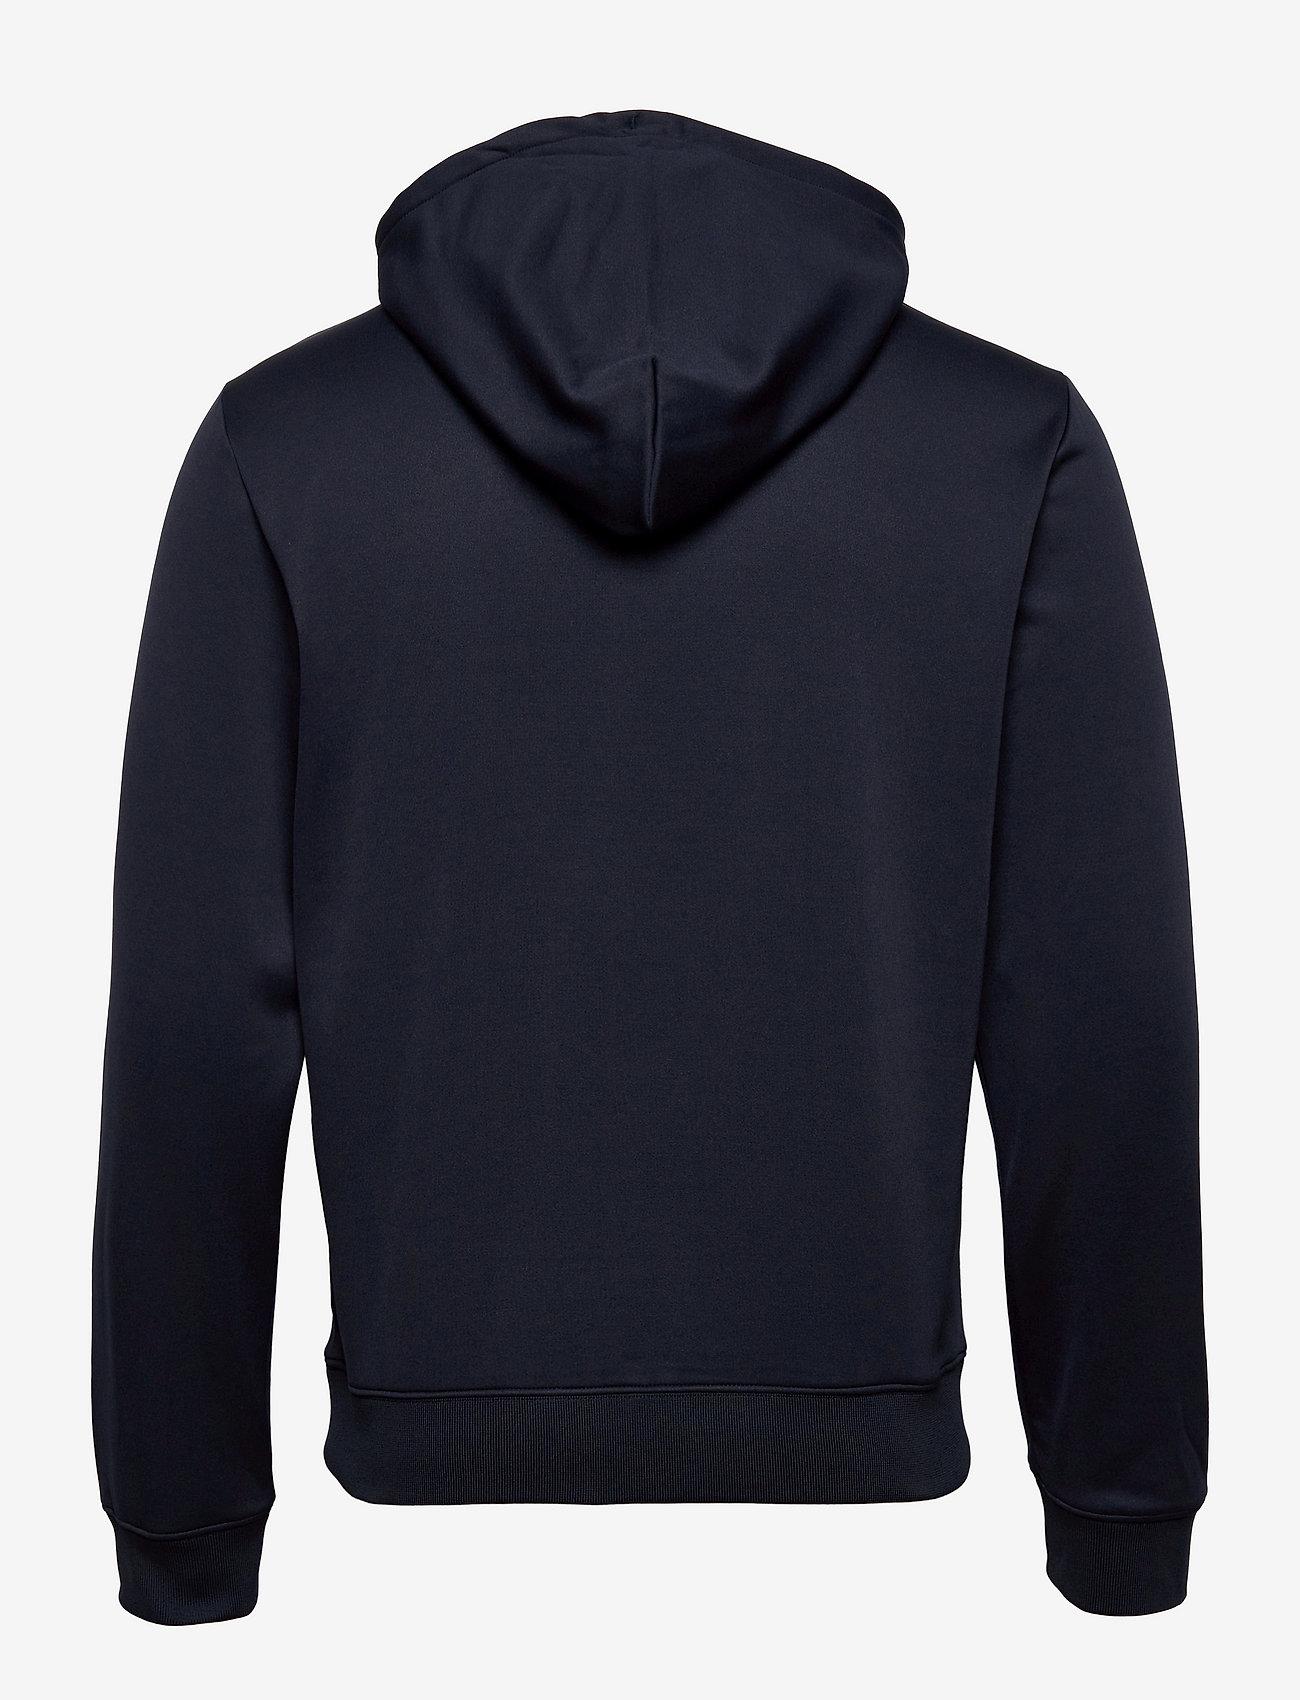 J. Lindeberg Golf - Stretch Fleece Light Hoody - hettegensere - jl navy - 1